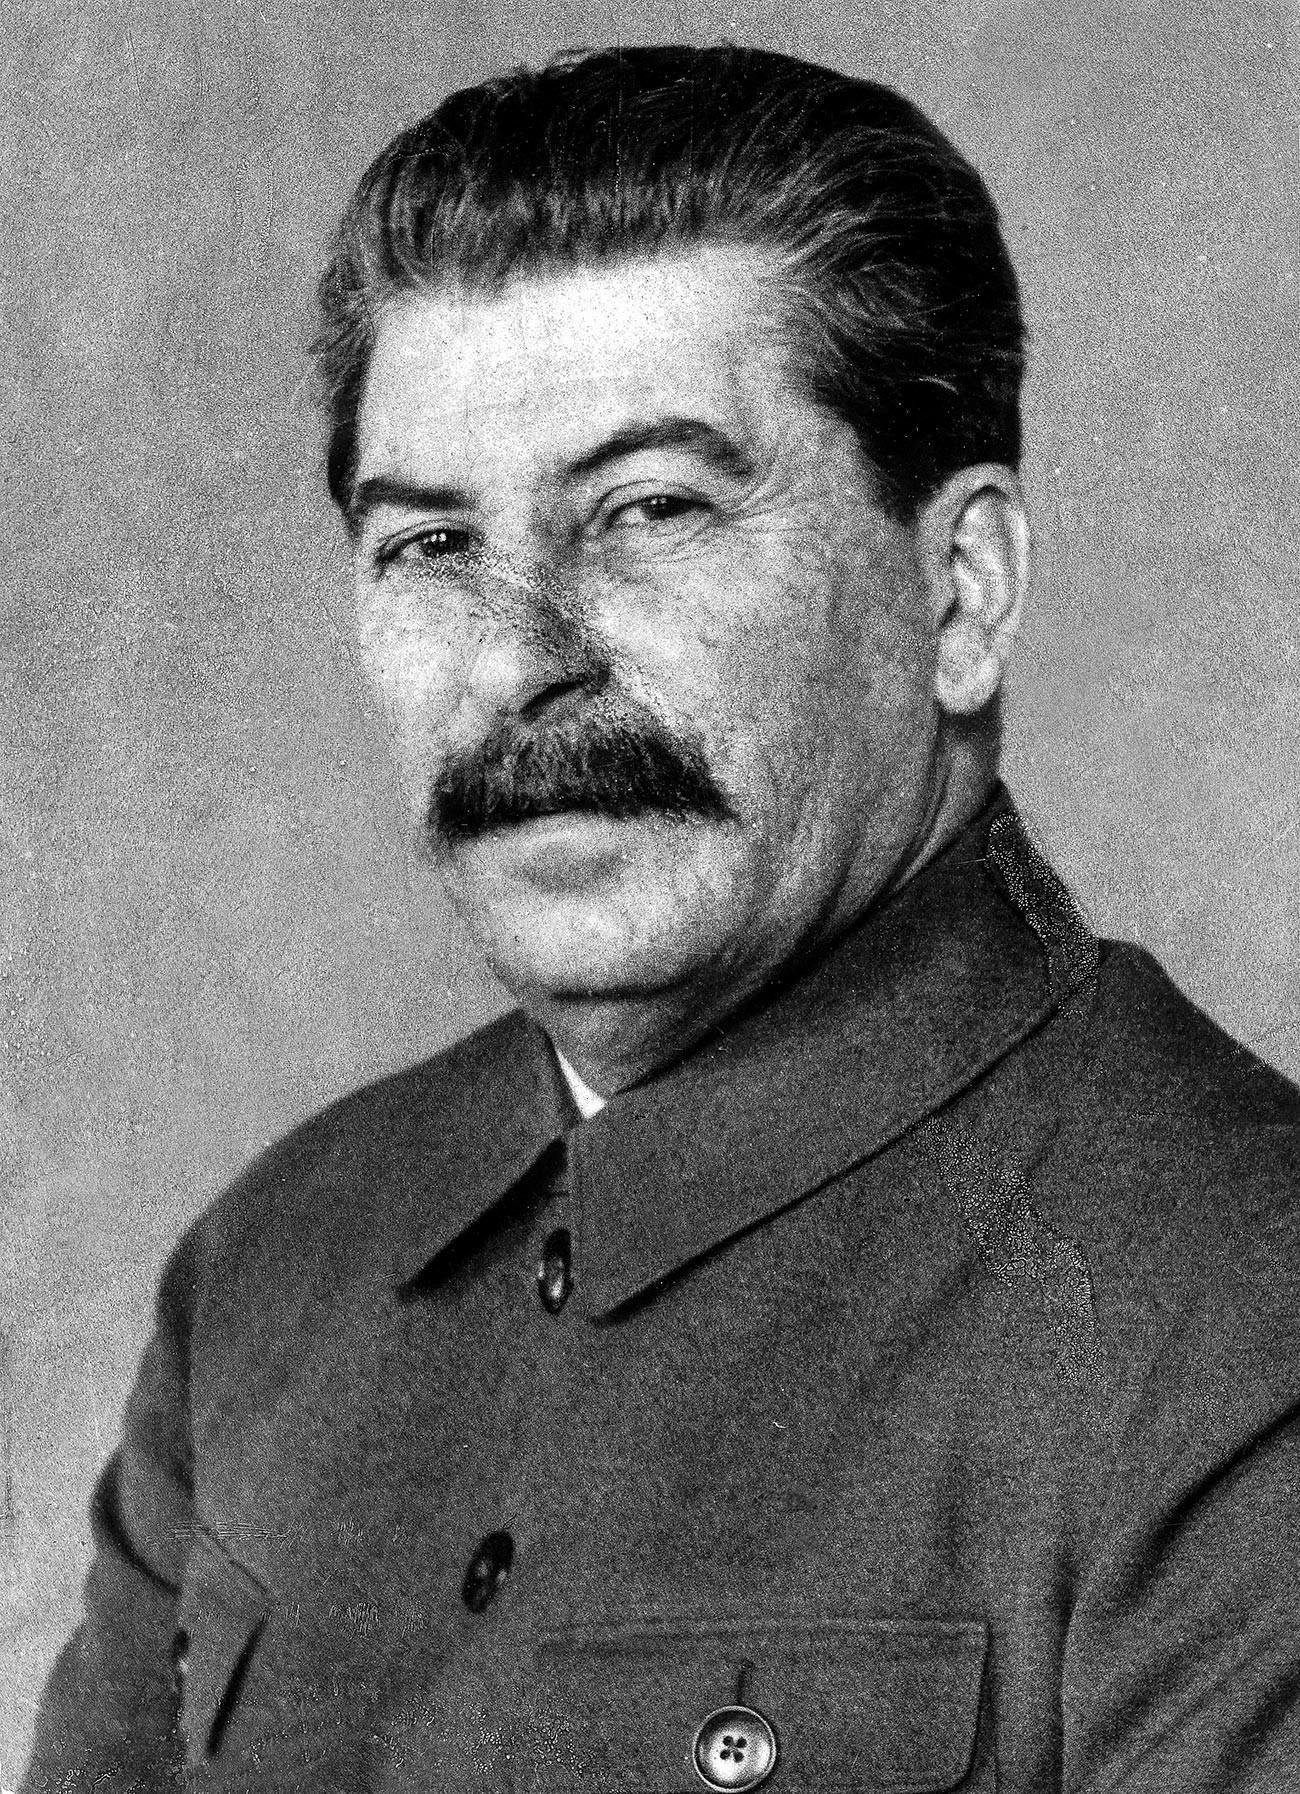 Questa è una delle rare foto di Stalin (1878-1953) in cui sono evidenti sul suo viso le cicatrici lasciate dal vaiolo